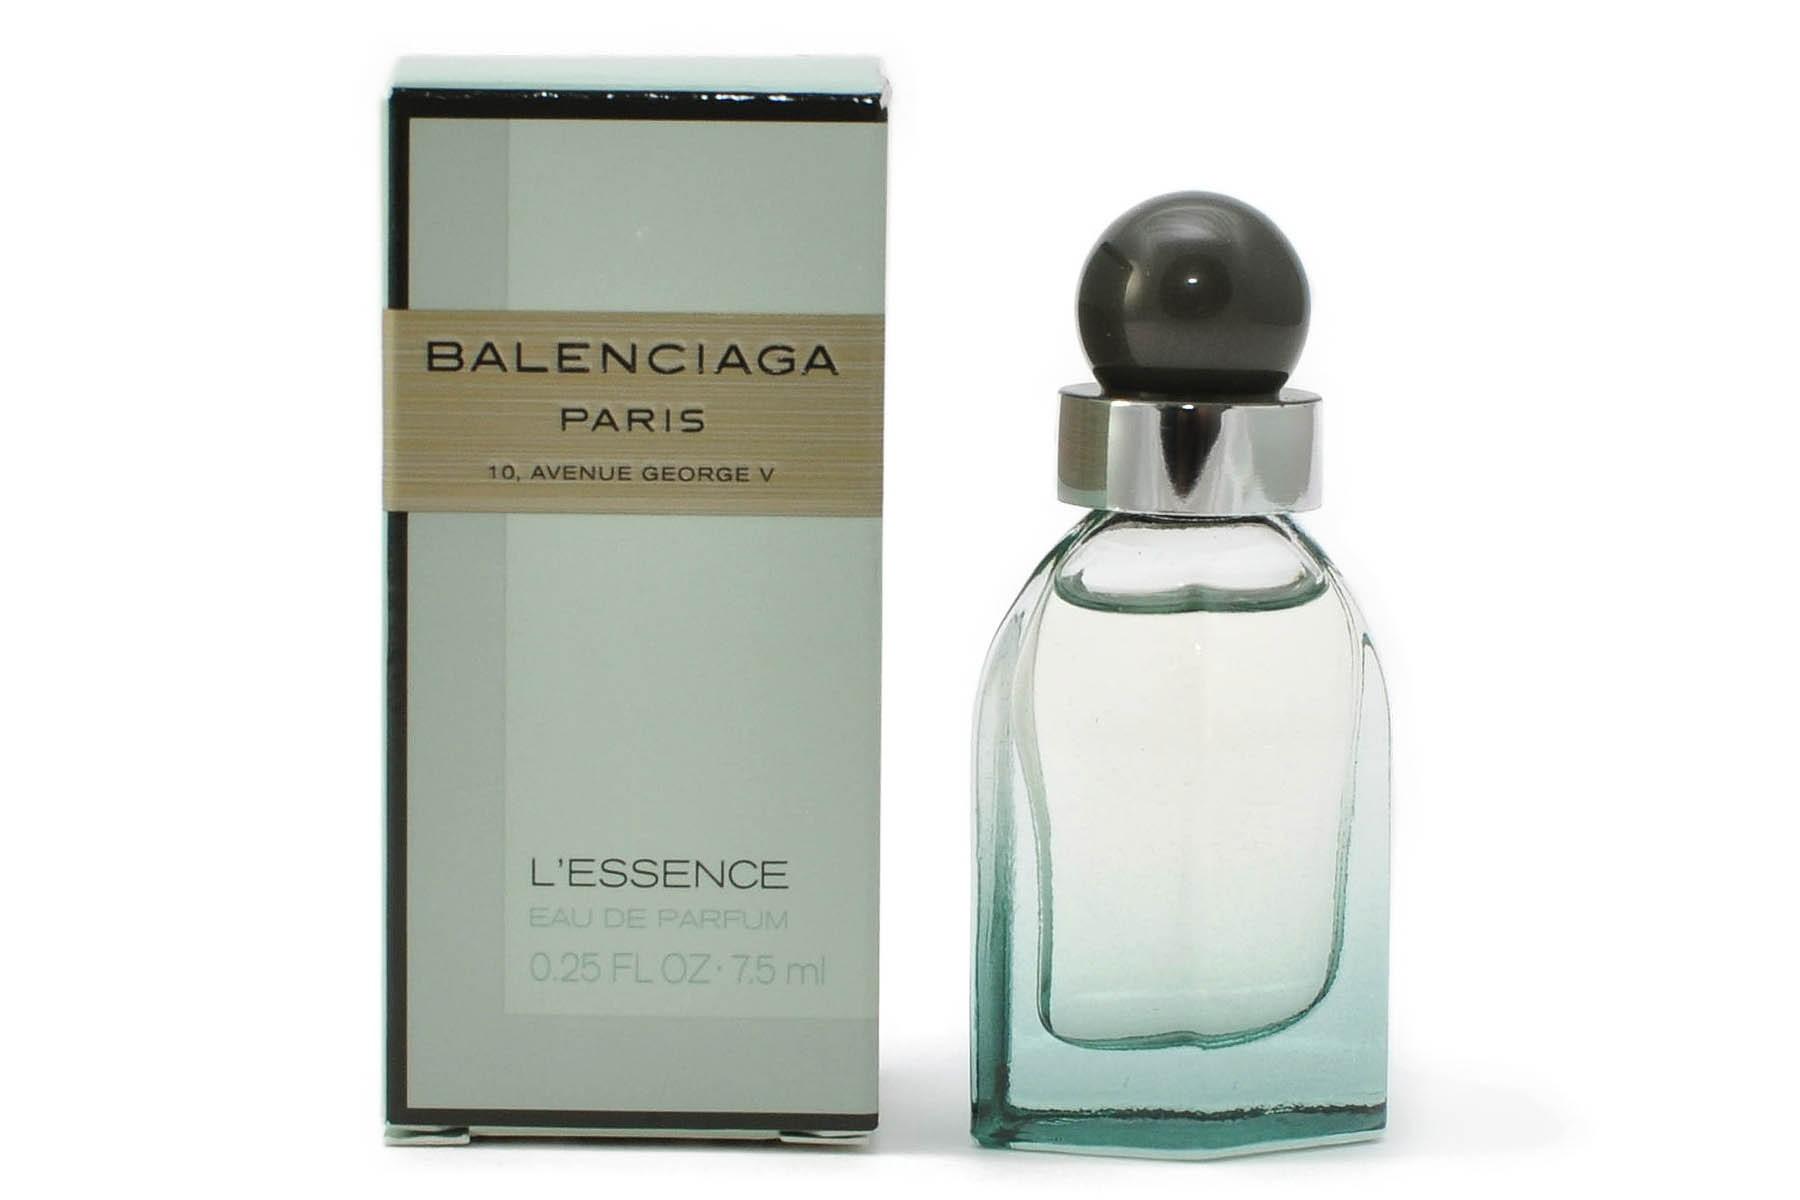 Balenciaga L'essence аромат для женщин